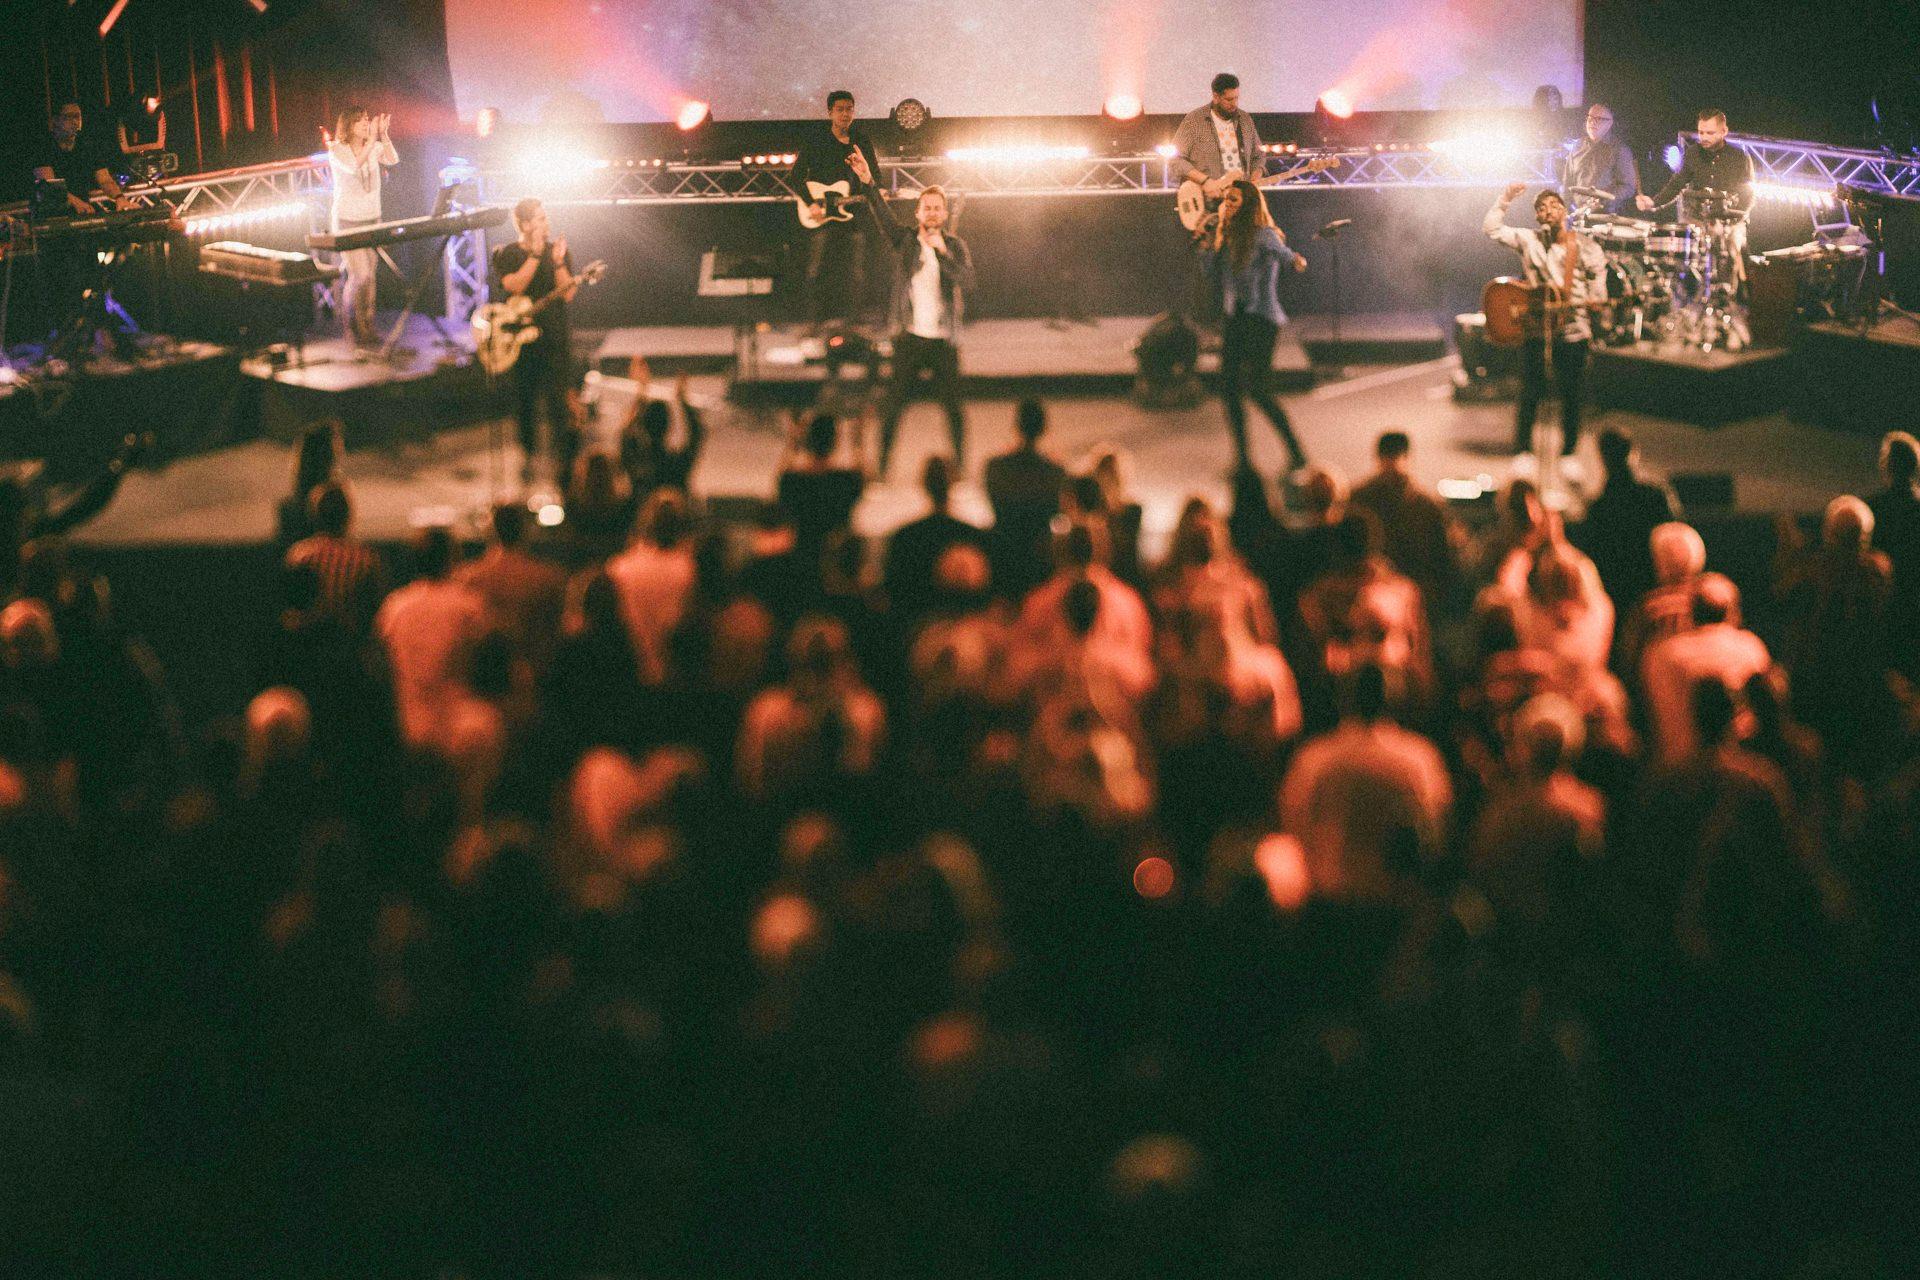 Eine Liveband auf der Bühne mit Publikum davor